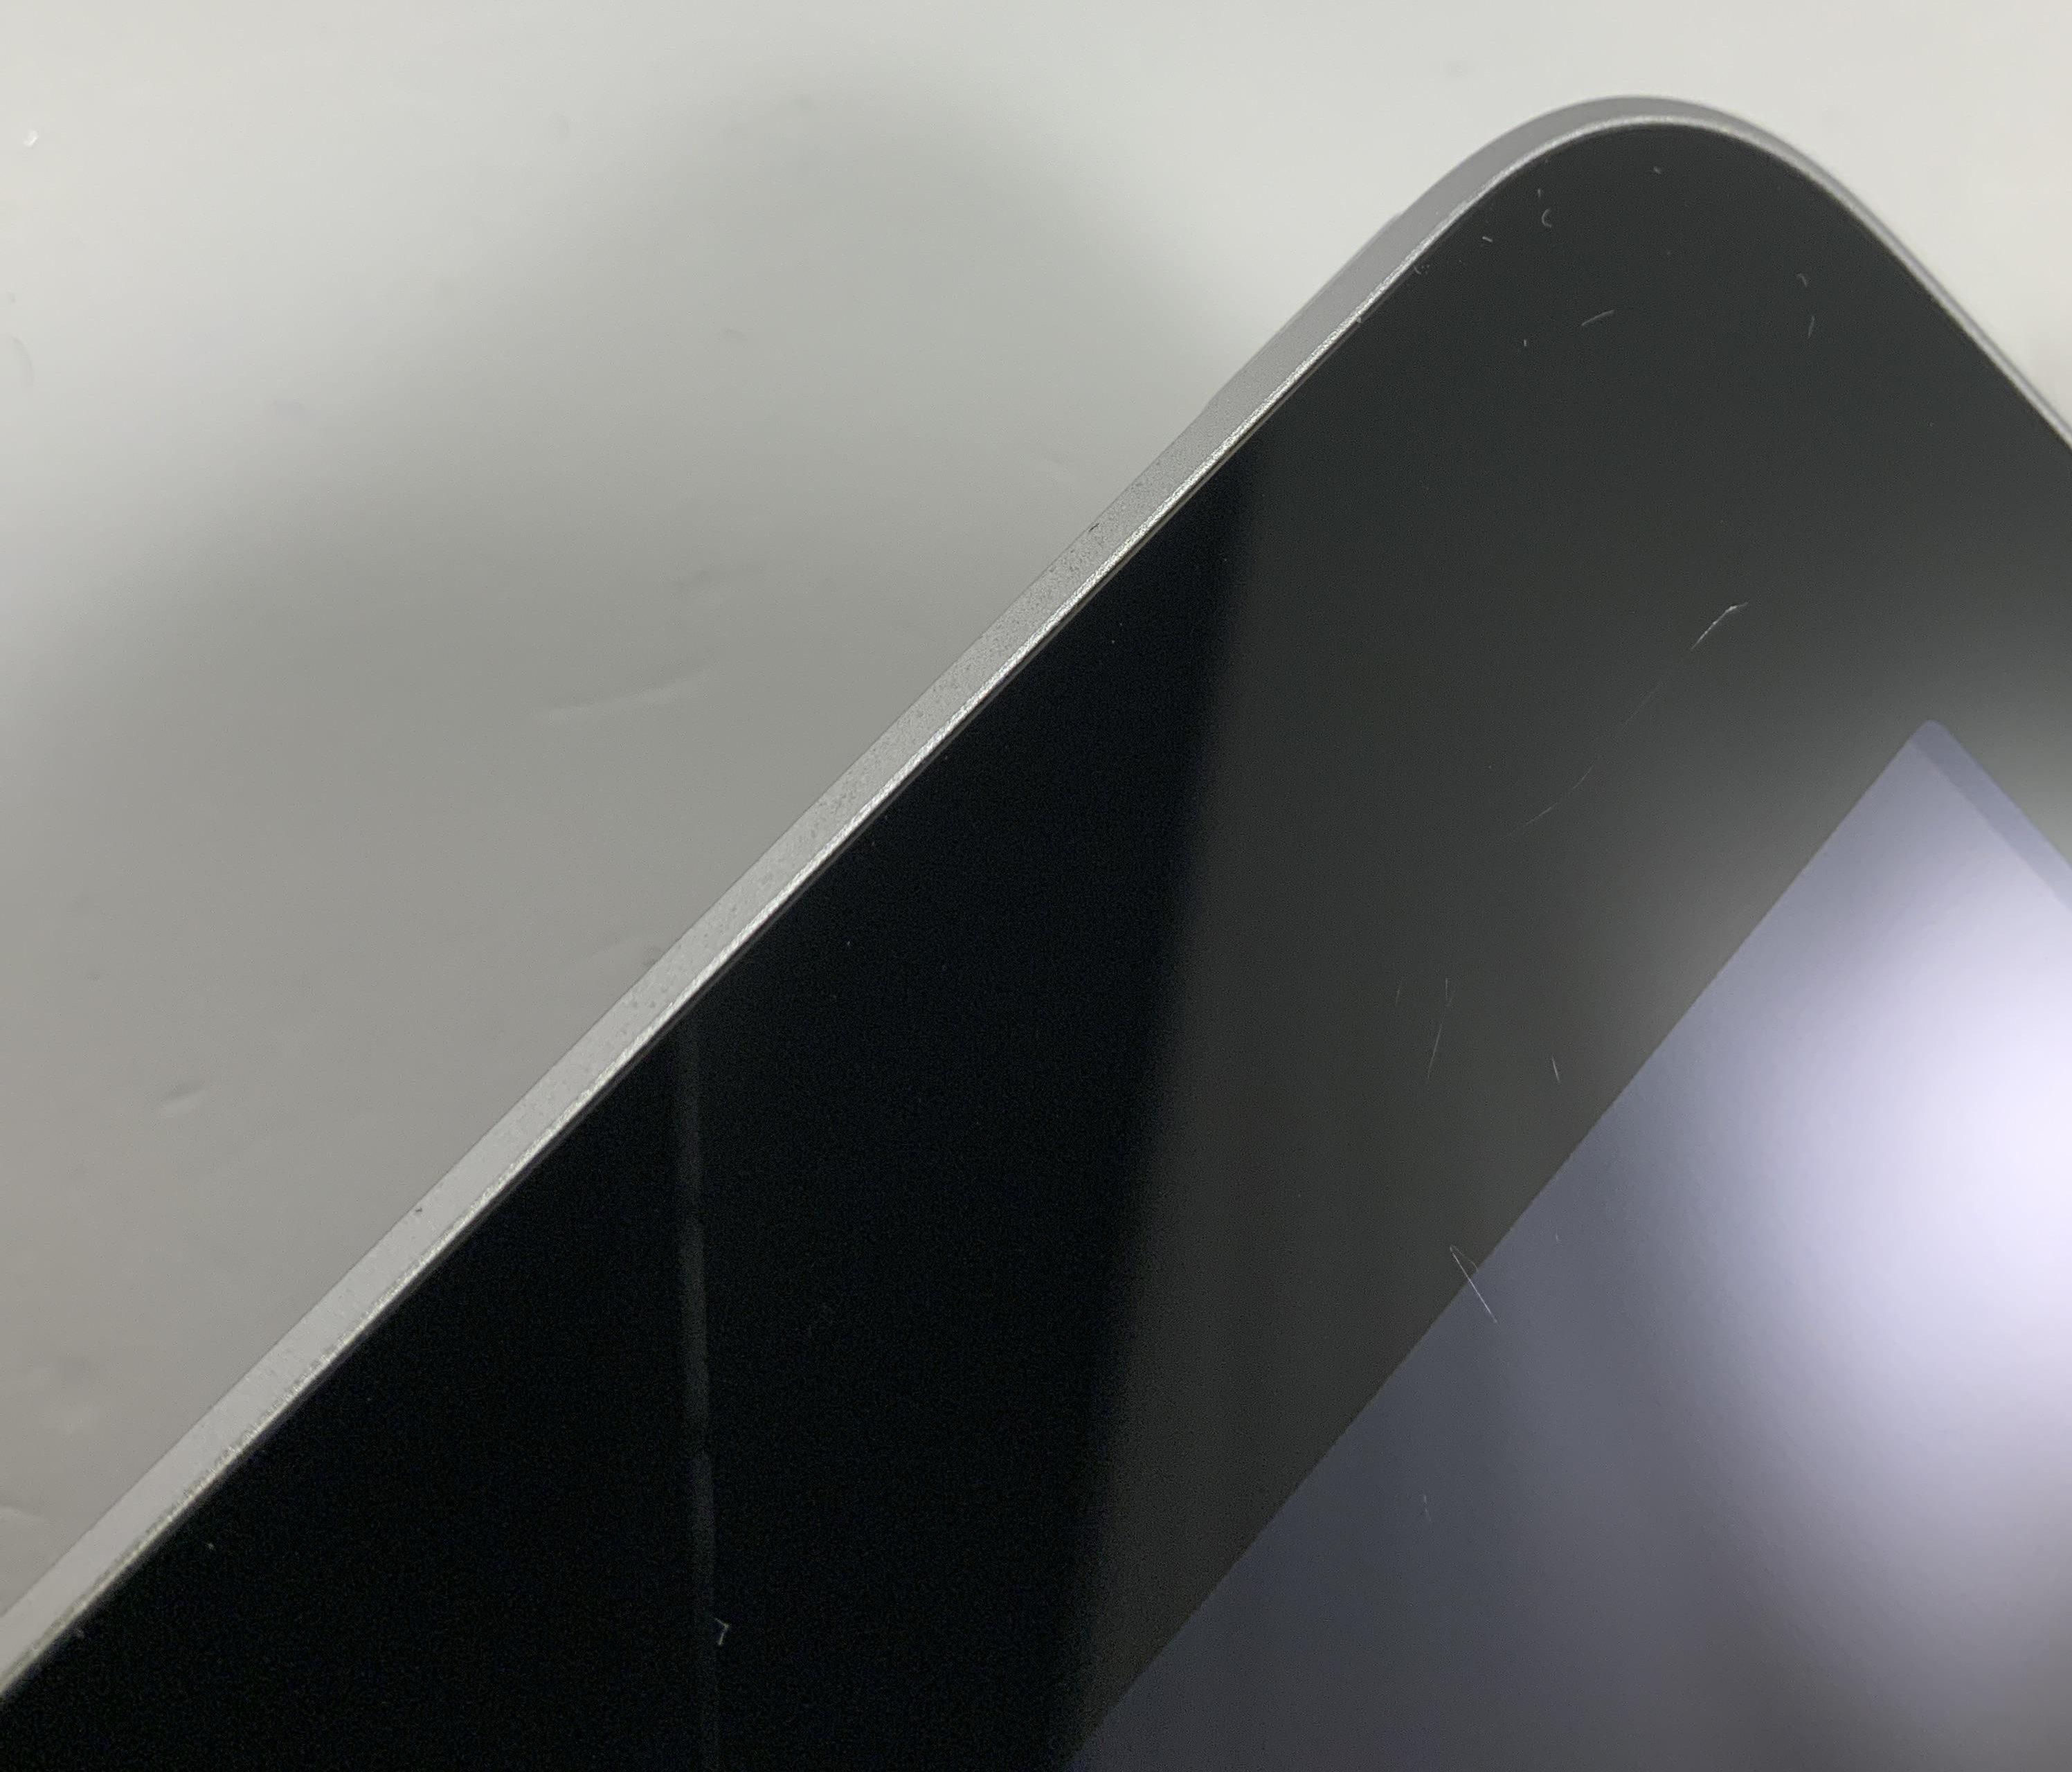 iPad 5 Wi-Fi 32GB, 32GB, Space Gray, image 2